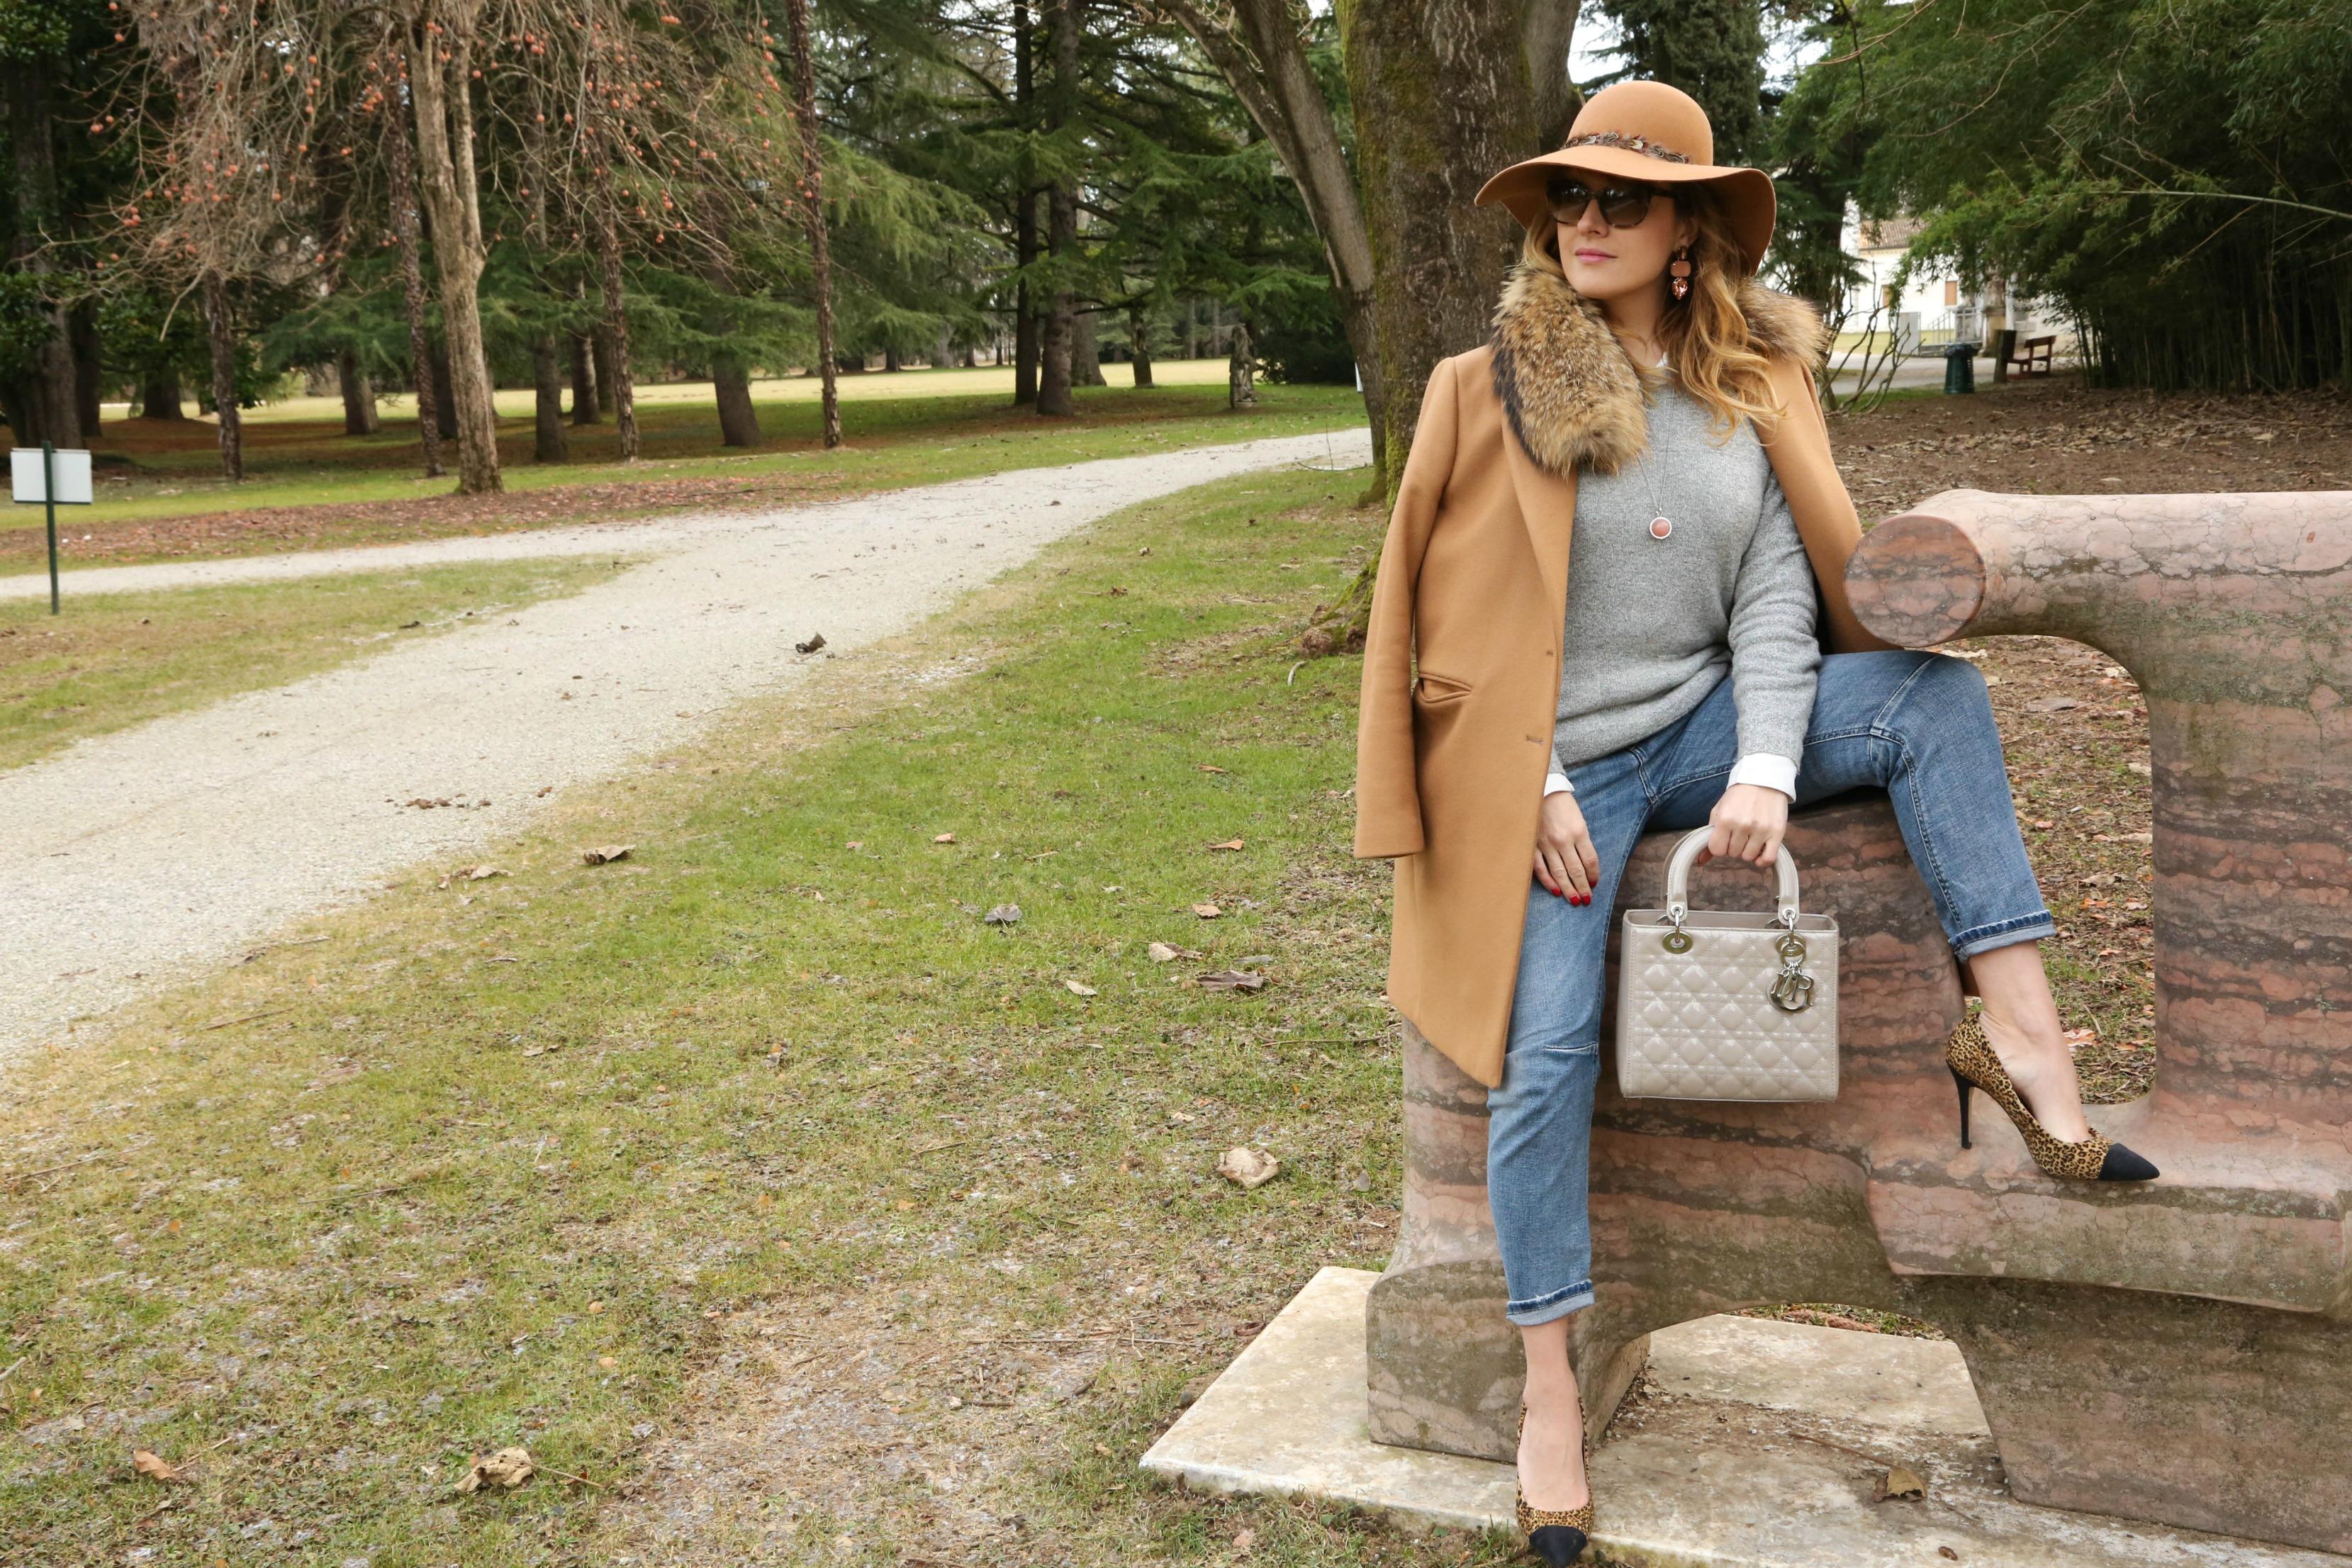 Pink is Good: il rosa che fa del bene, alessia milanese, thechilicool, fashion blog, fashion blogger, lady dior bag